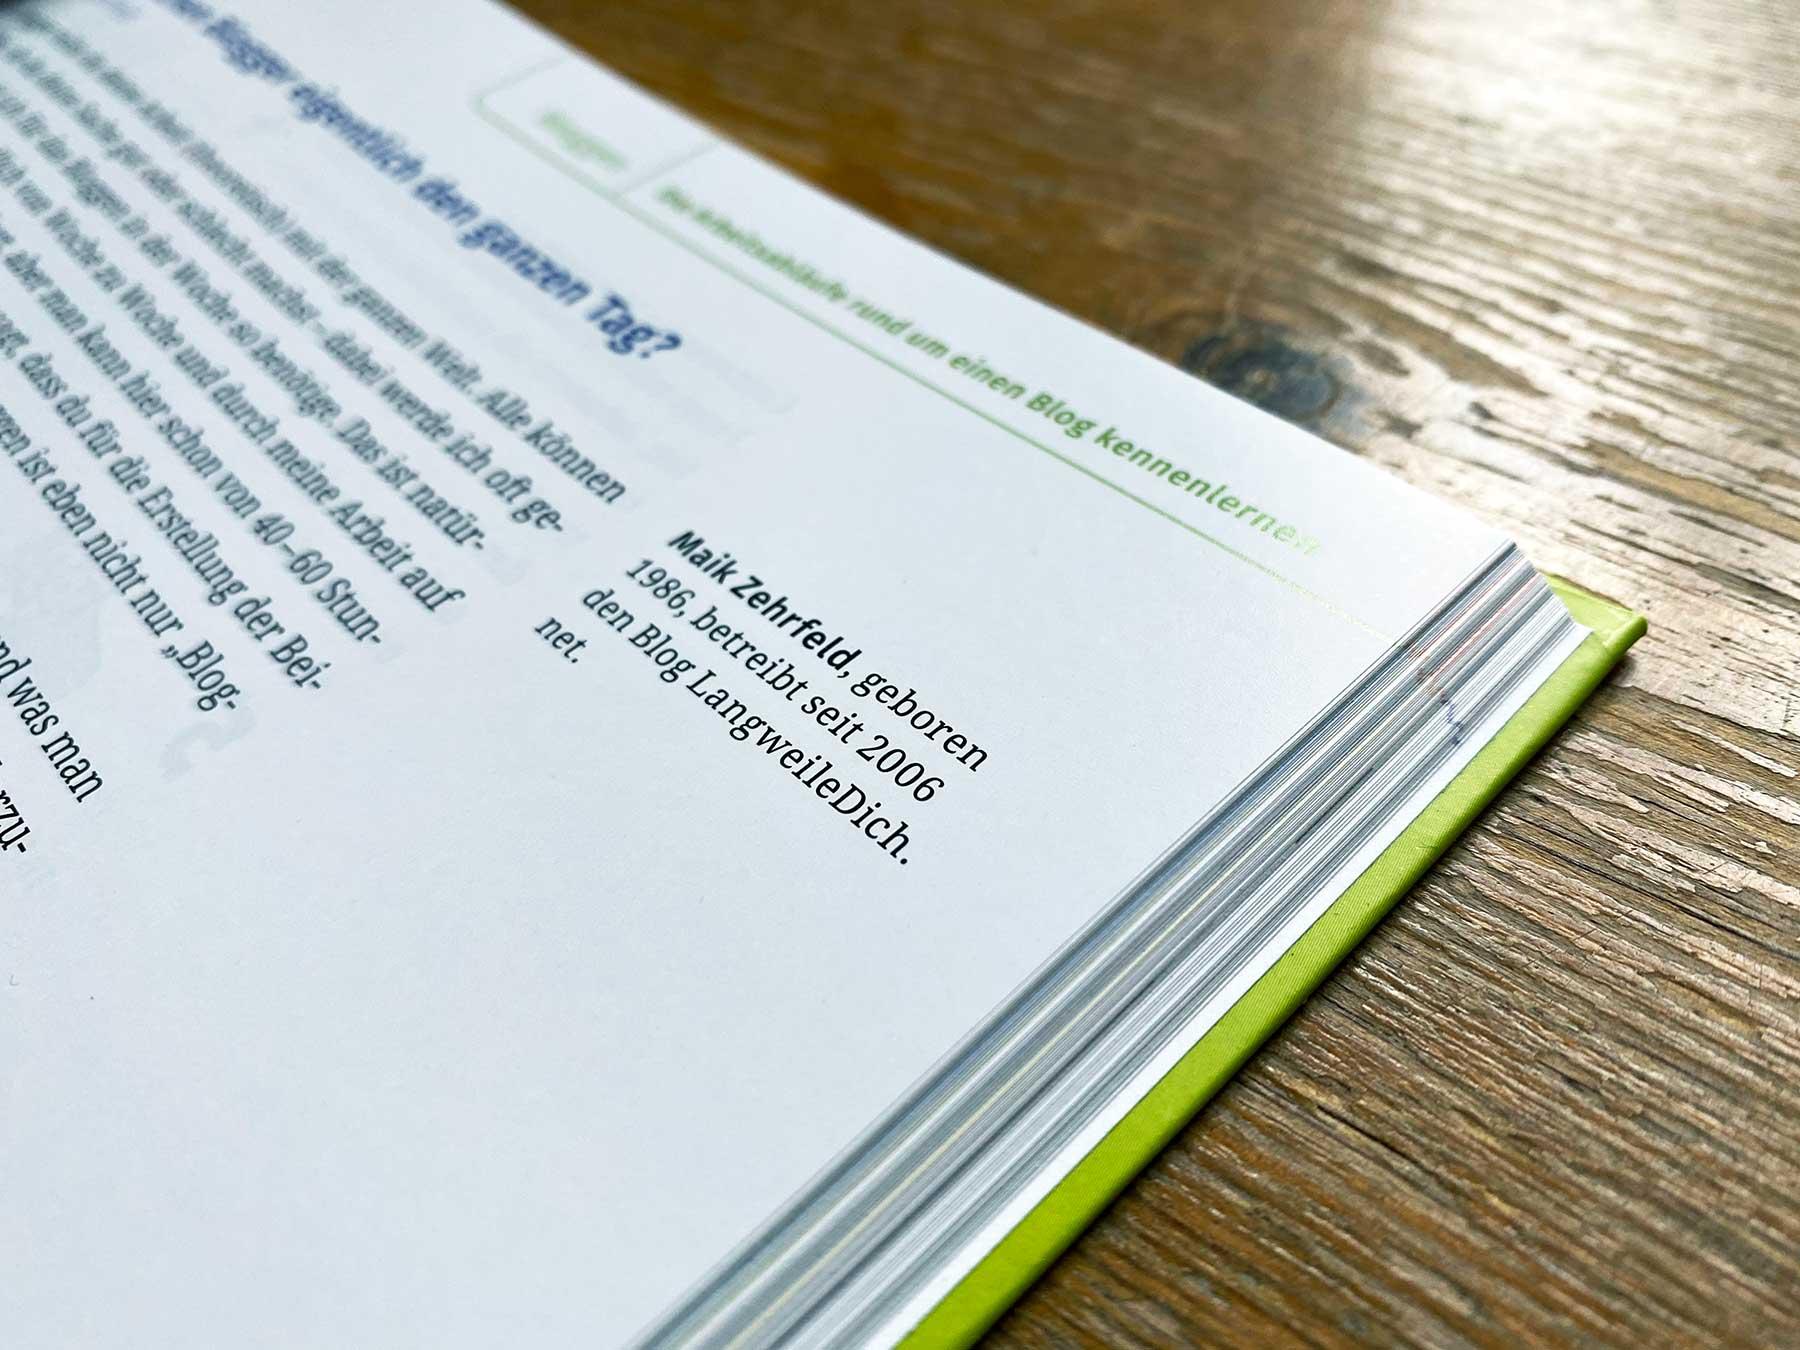 Einer meiner Blogtexte steht jetzt in einem Schulbuch für den Deutschunterricht blogtext-im-schulbuch_02